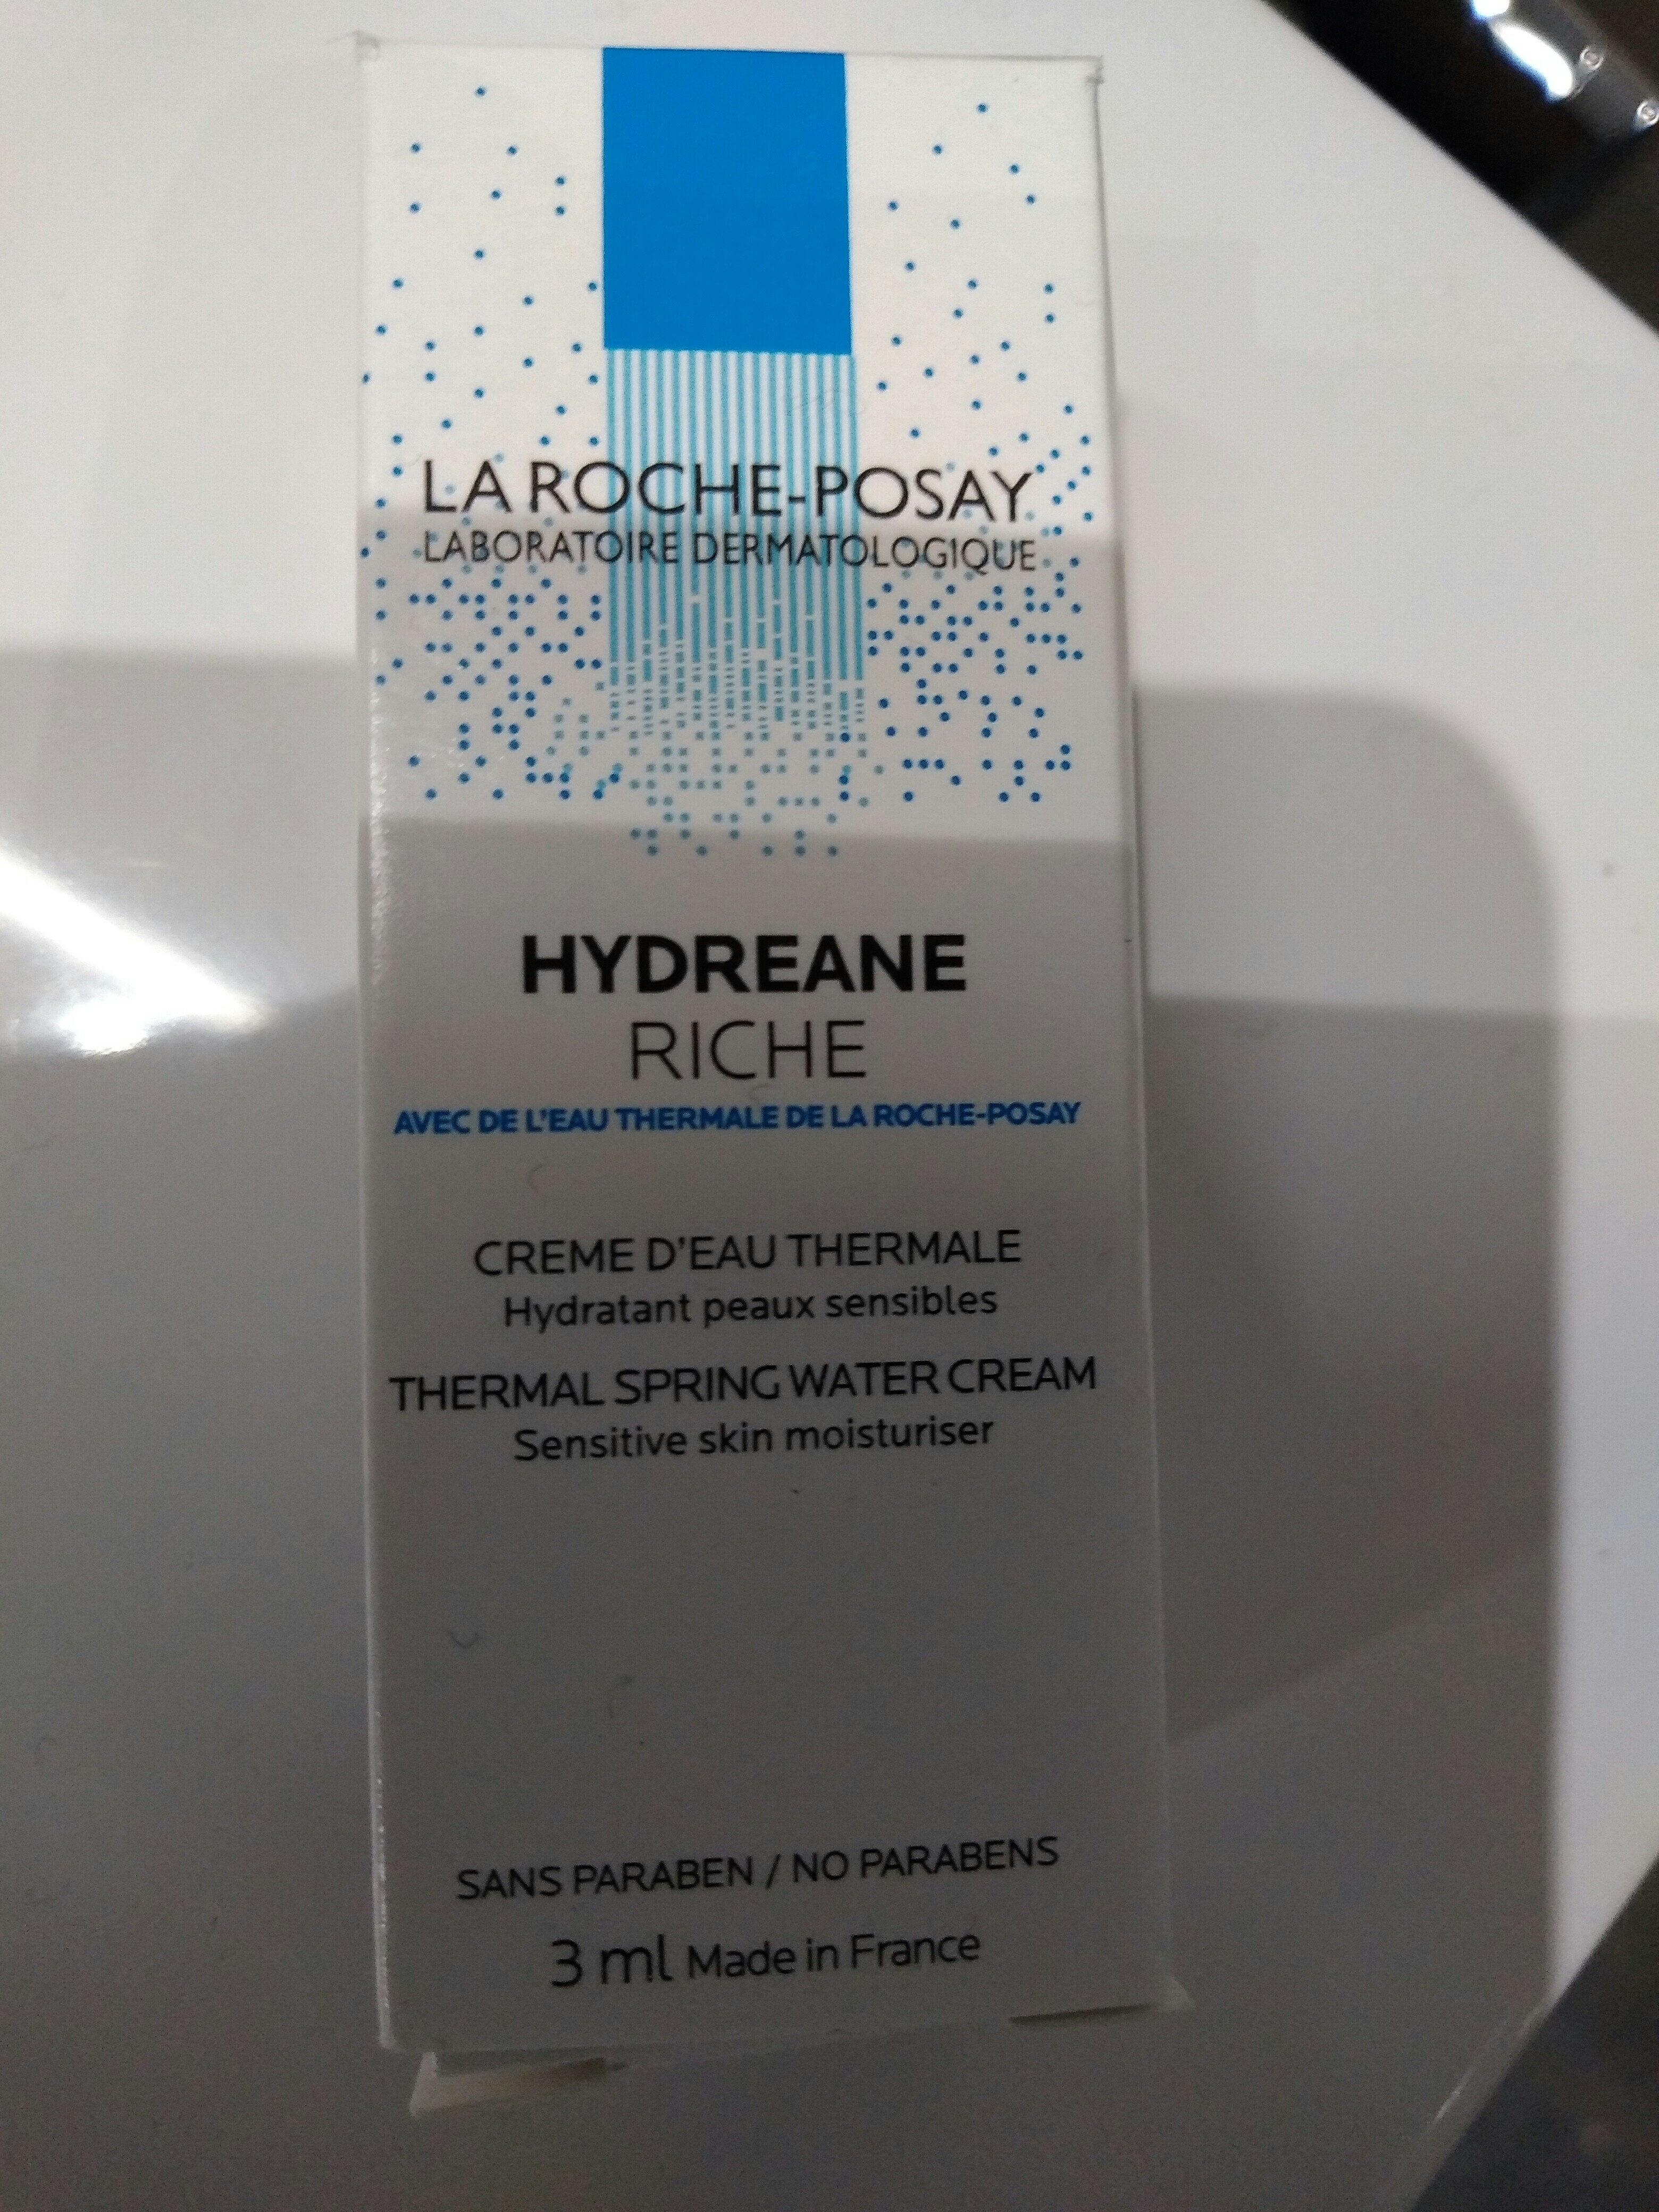 Hydreane Riche La Roche-Posay - Product - fr